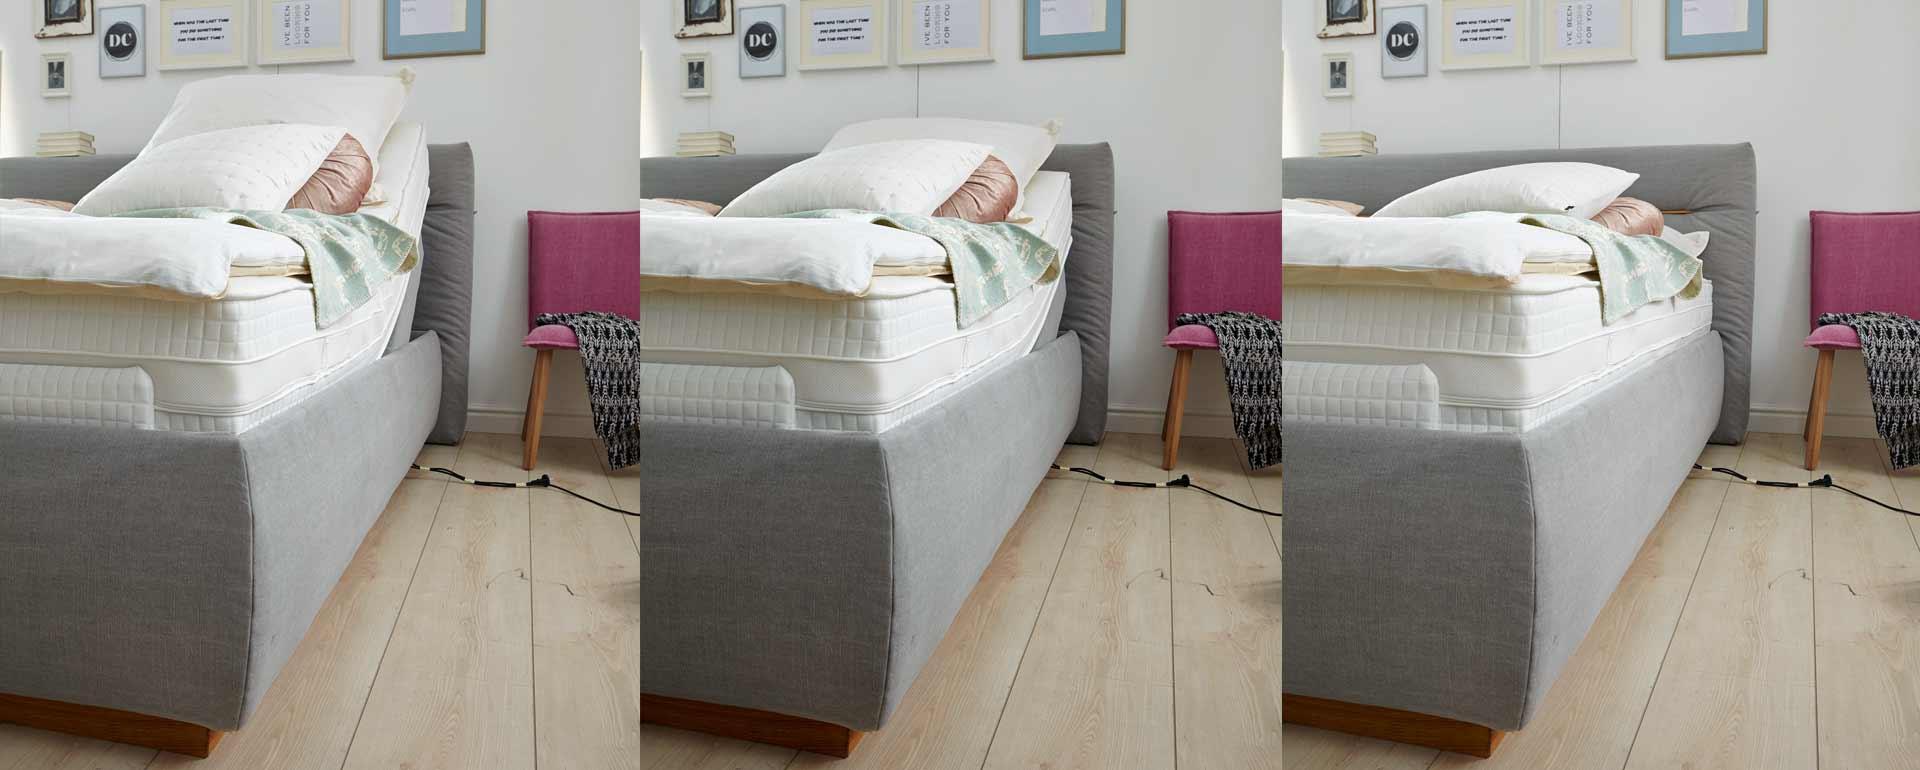 schlafzimmer einrichten mit boxspringbett schlafzimmer set k ln lattenroste qualit tskriterien. Black Bedroom Furniture Sets. Home Design Ideas